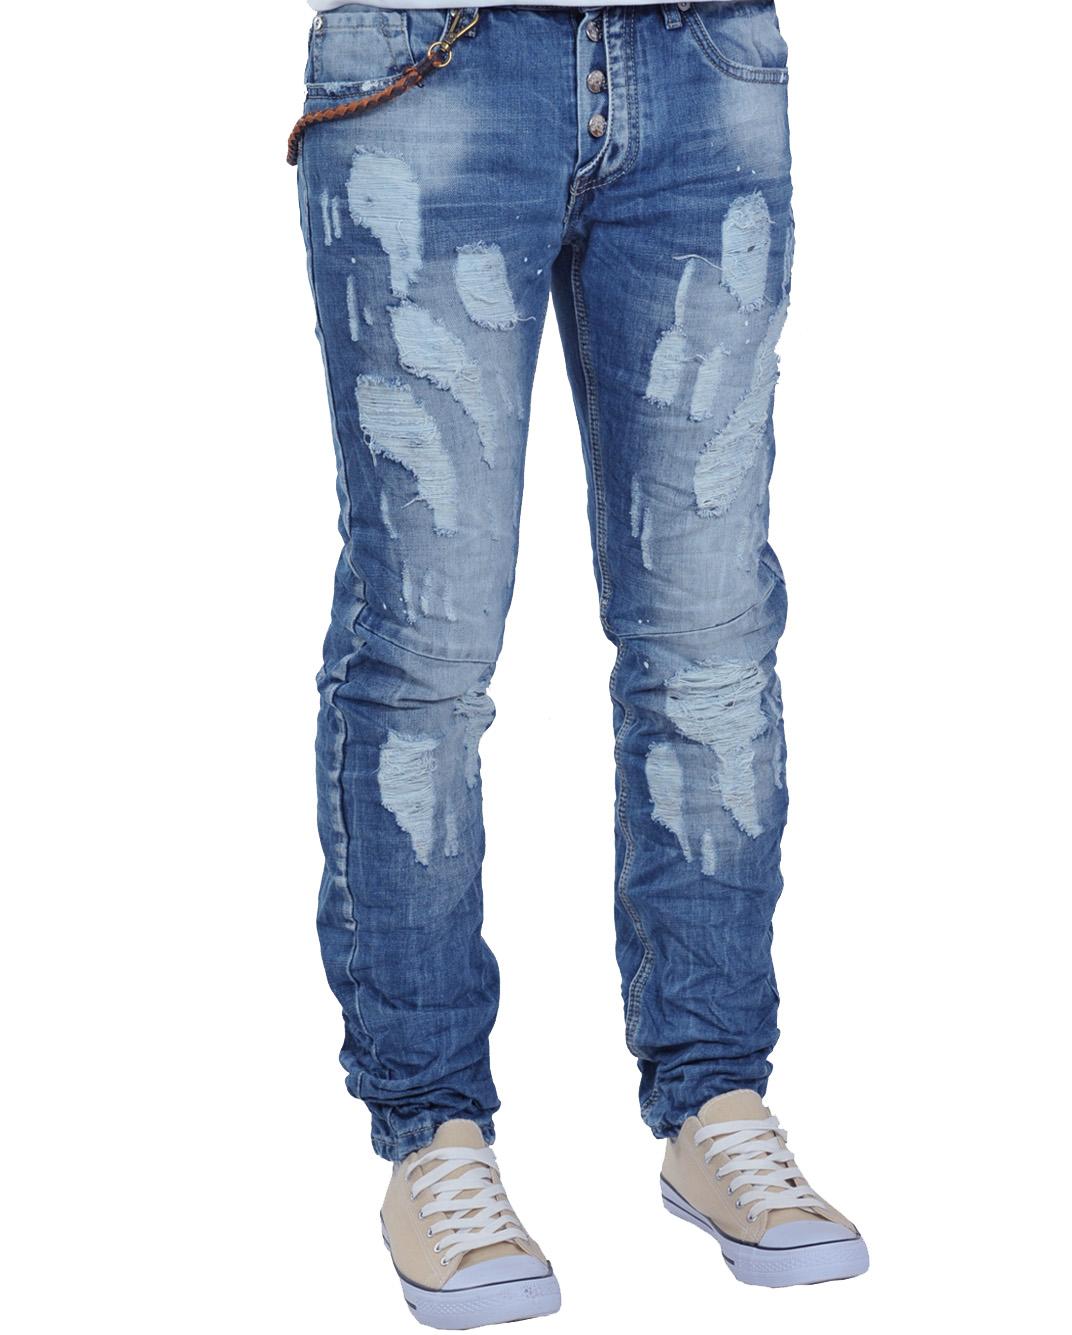 Ανδρικό Jean Justing Back αρχική ανδρικά ρούχα επιλογή ανά προϊόν παντελόνια παντελόνια jeans